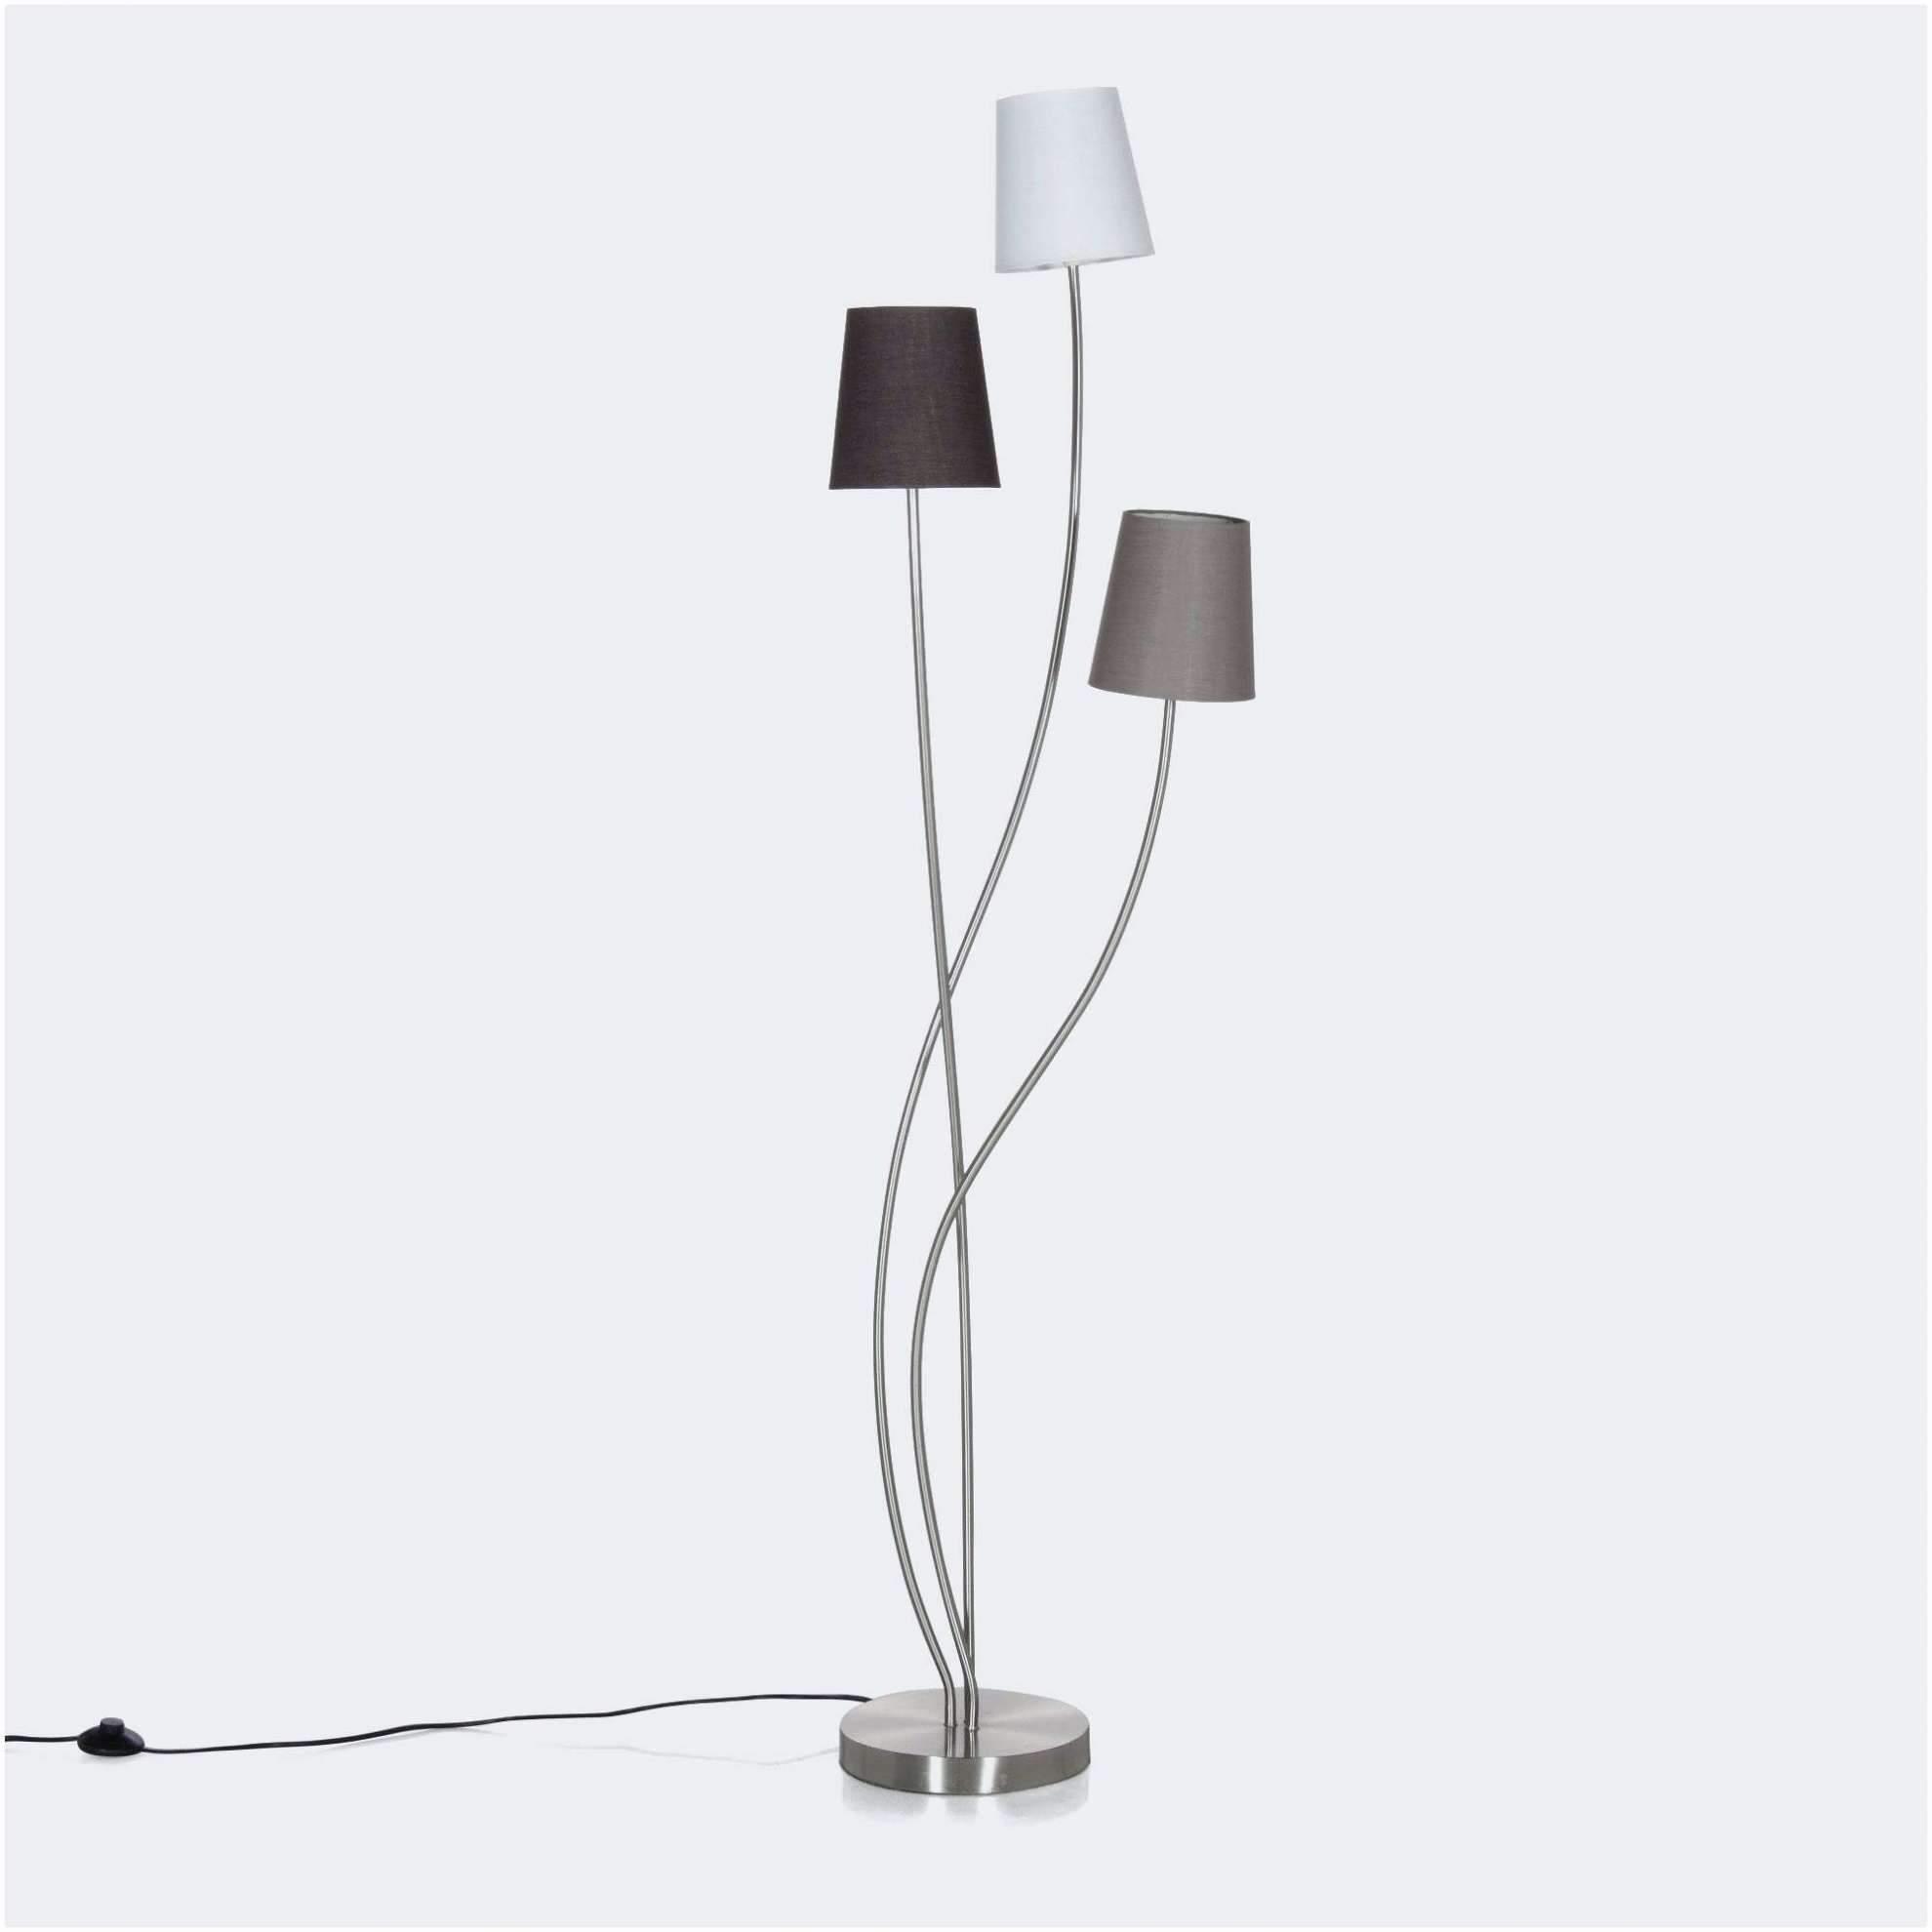 Full Size of Tischlampe Wohnzimmer Ambientebeleuchtung Genial Tiwohnzimmer Neu Tisch Beleuchtung Lampen Heizkörper Vorhänge Deckenleuchten Wandbilder Deckenstrahler Wohnzimmer Tischlampe Wohnzimmer